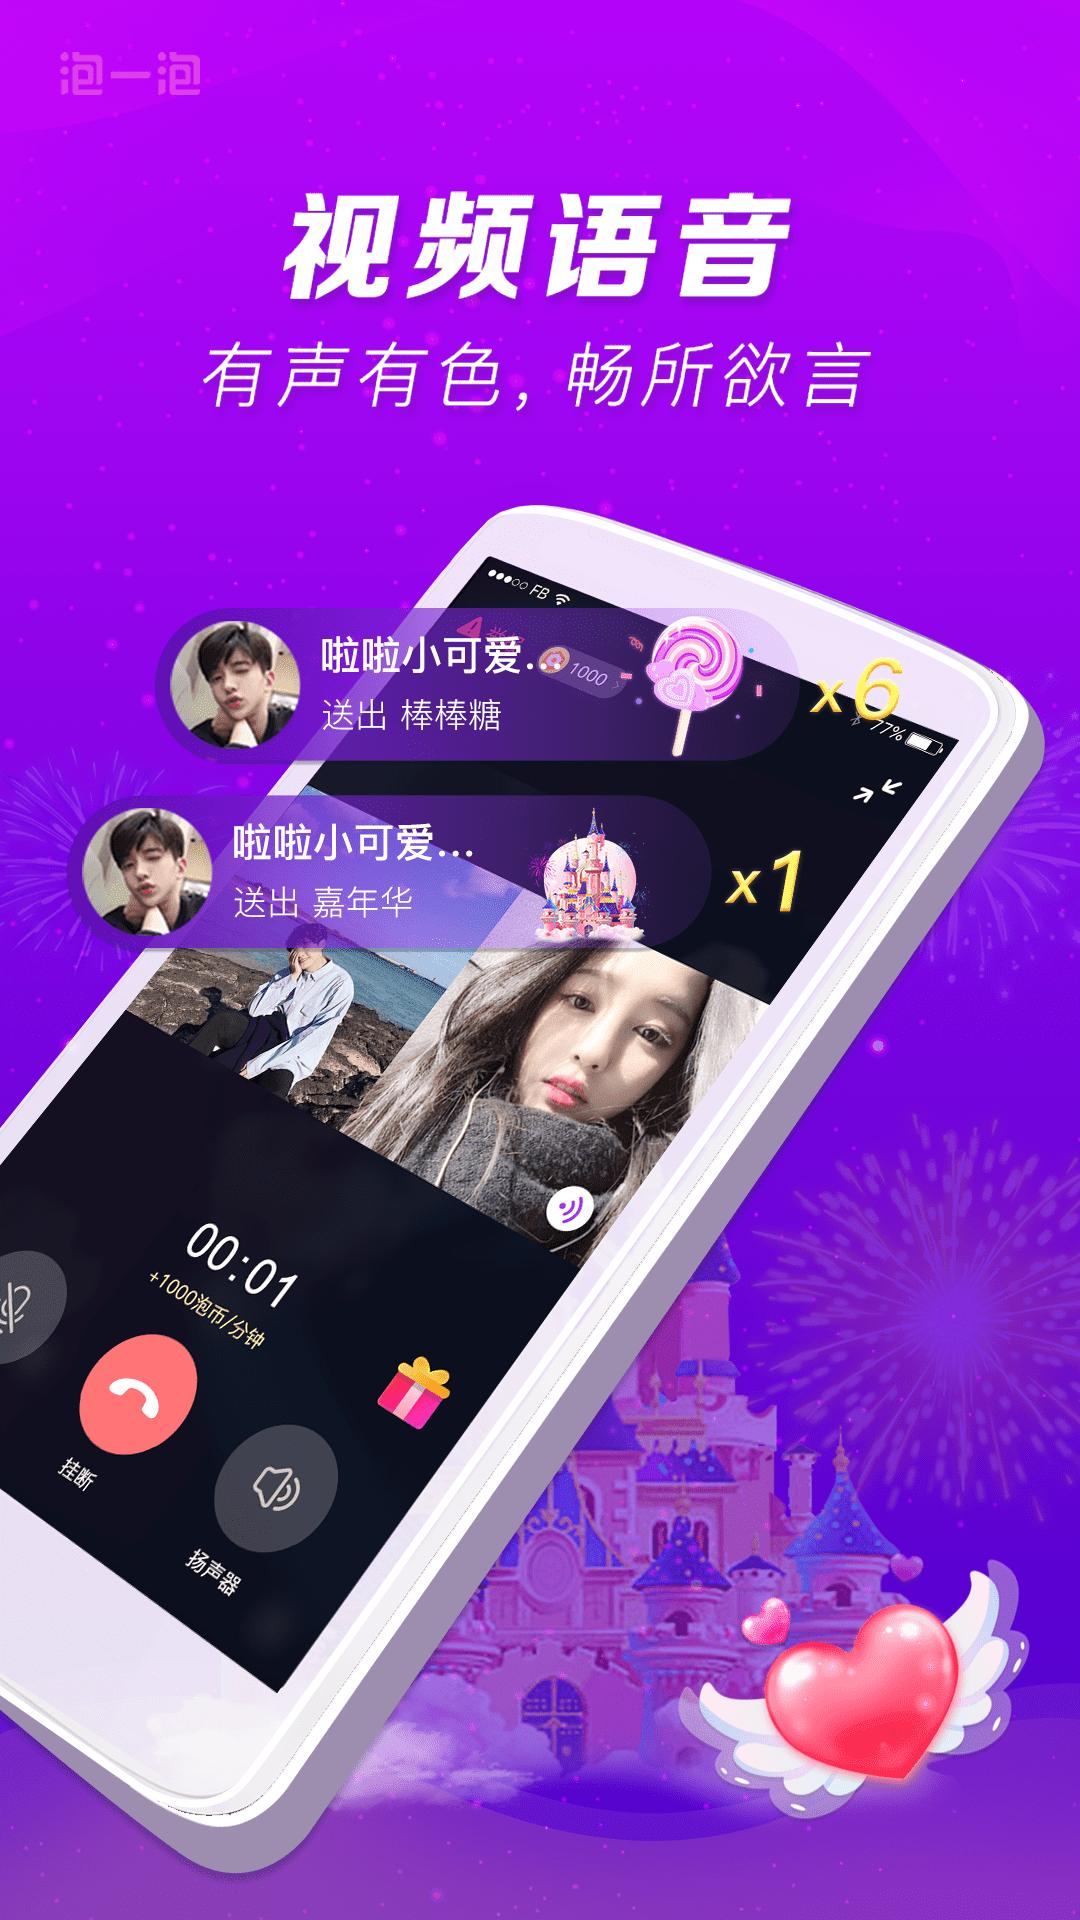 泡一泡app官方版图片1